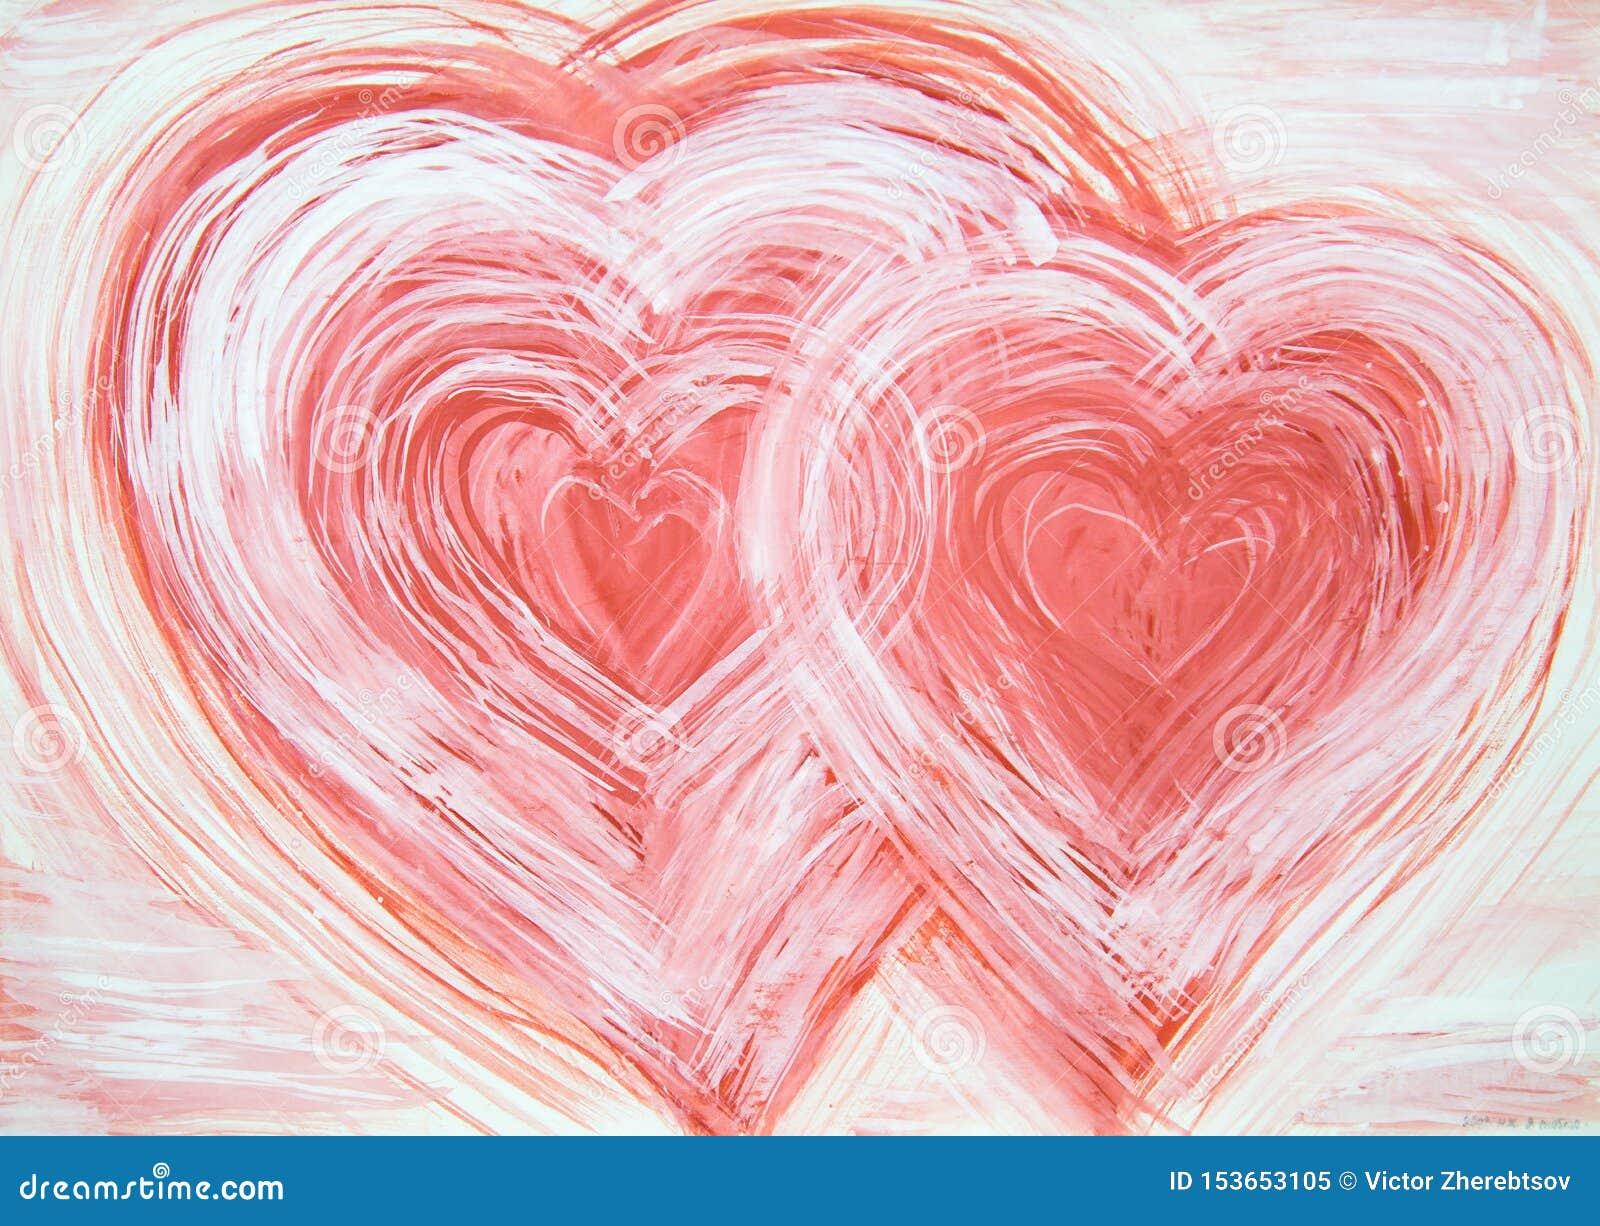 Abstrakcji Dwa serca malowali z białymi czerwonymi kolorami